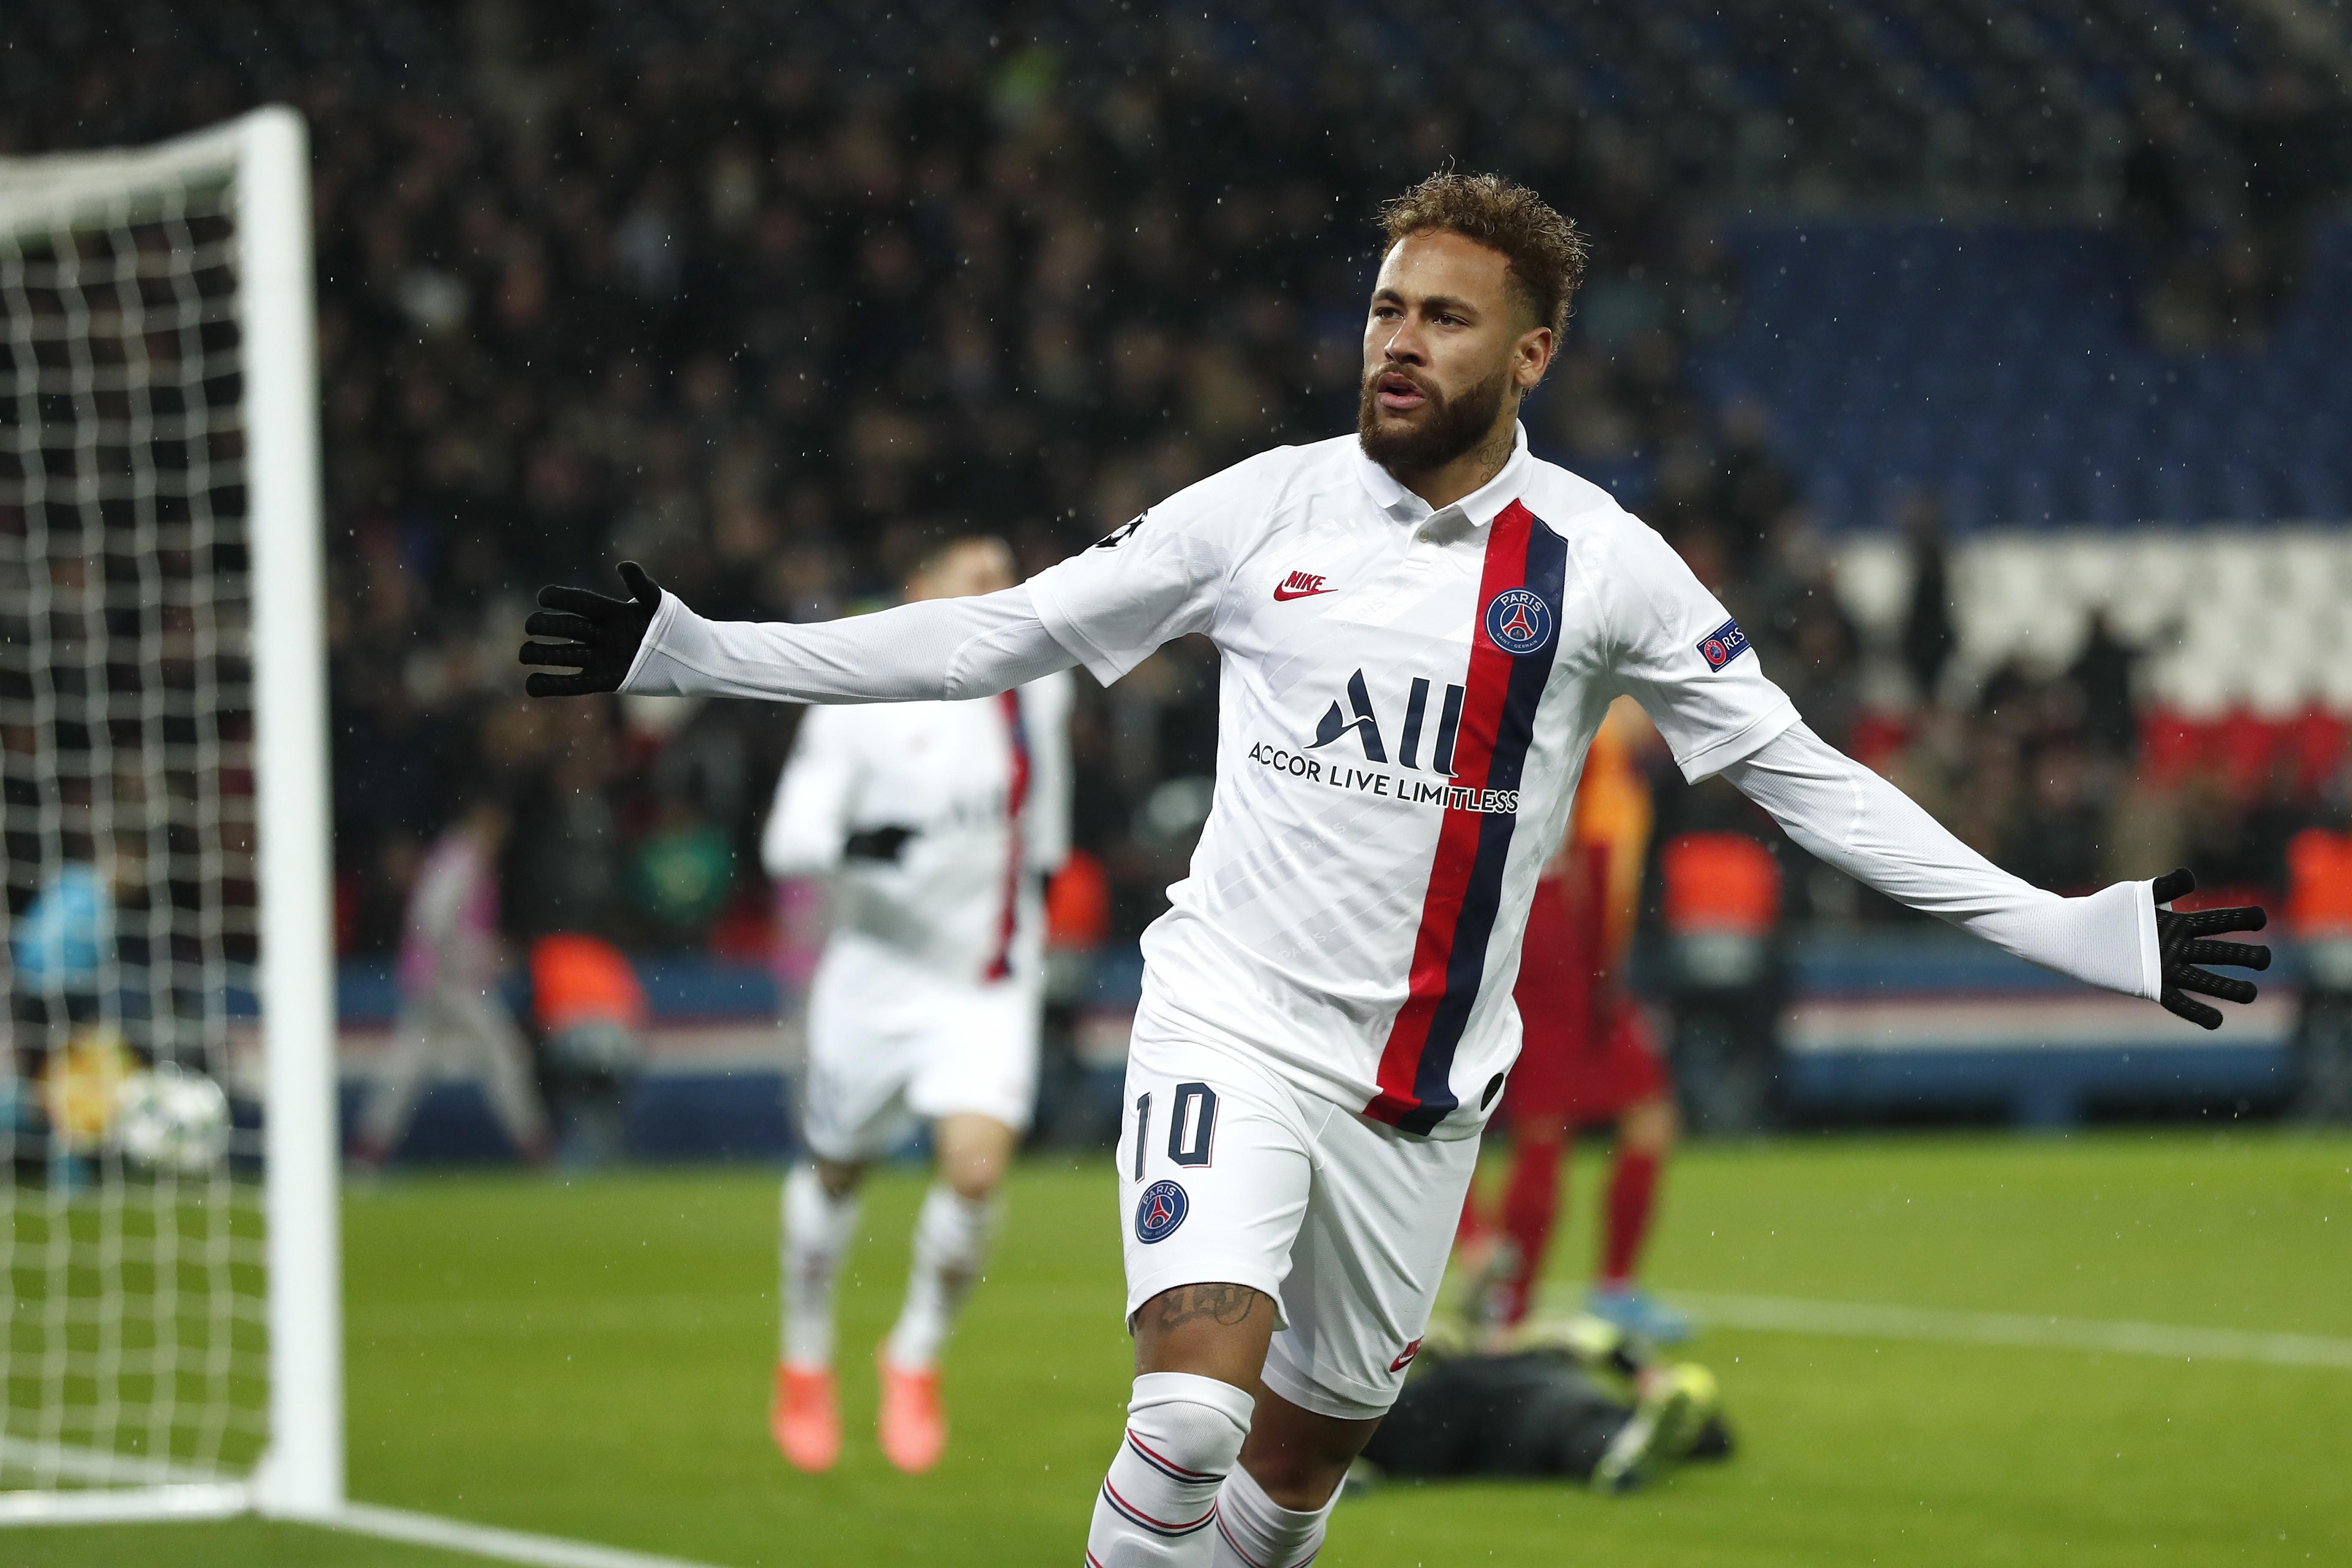 Transfery. Zaskakujące słowa Neymara w sprawie przyszłości. Piłkarz PSG wyjawił swój priorytet - Sport WP SportoweFakty